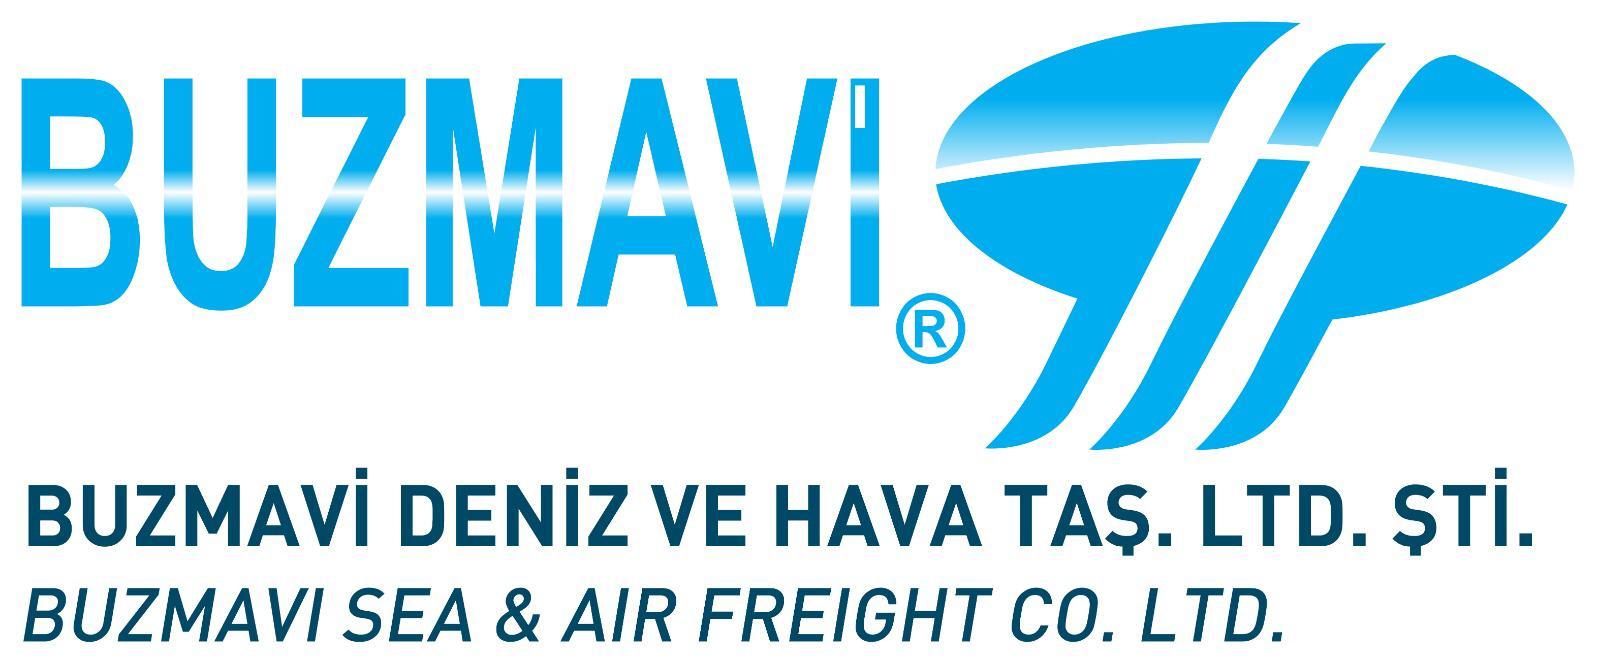 Buzmavi Deniz Ve Hava Taşimacilik Ltd Şti.